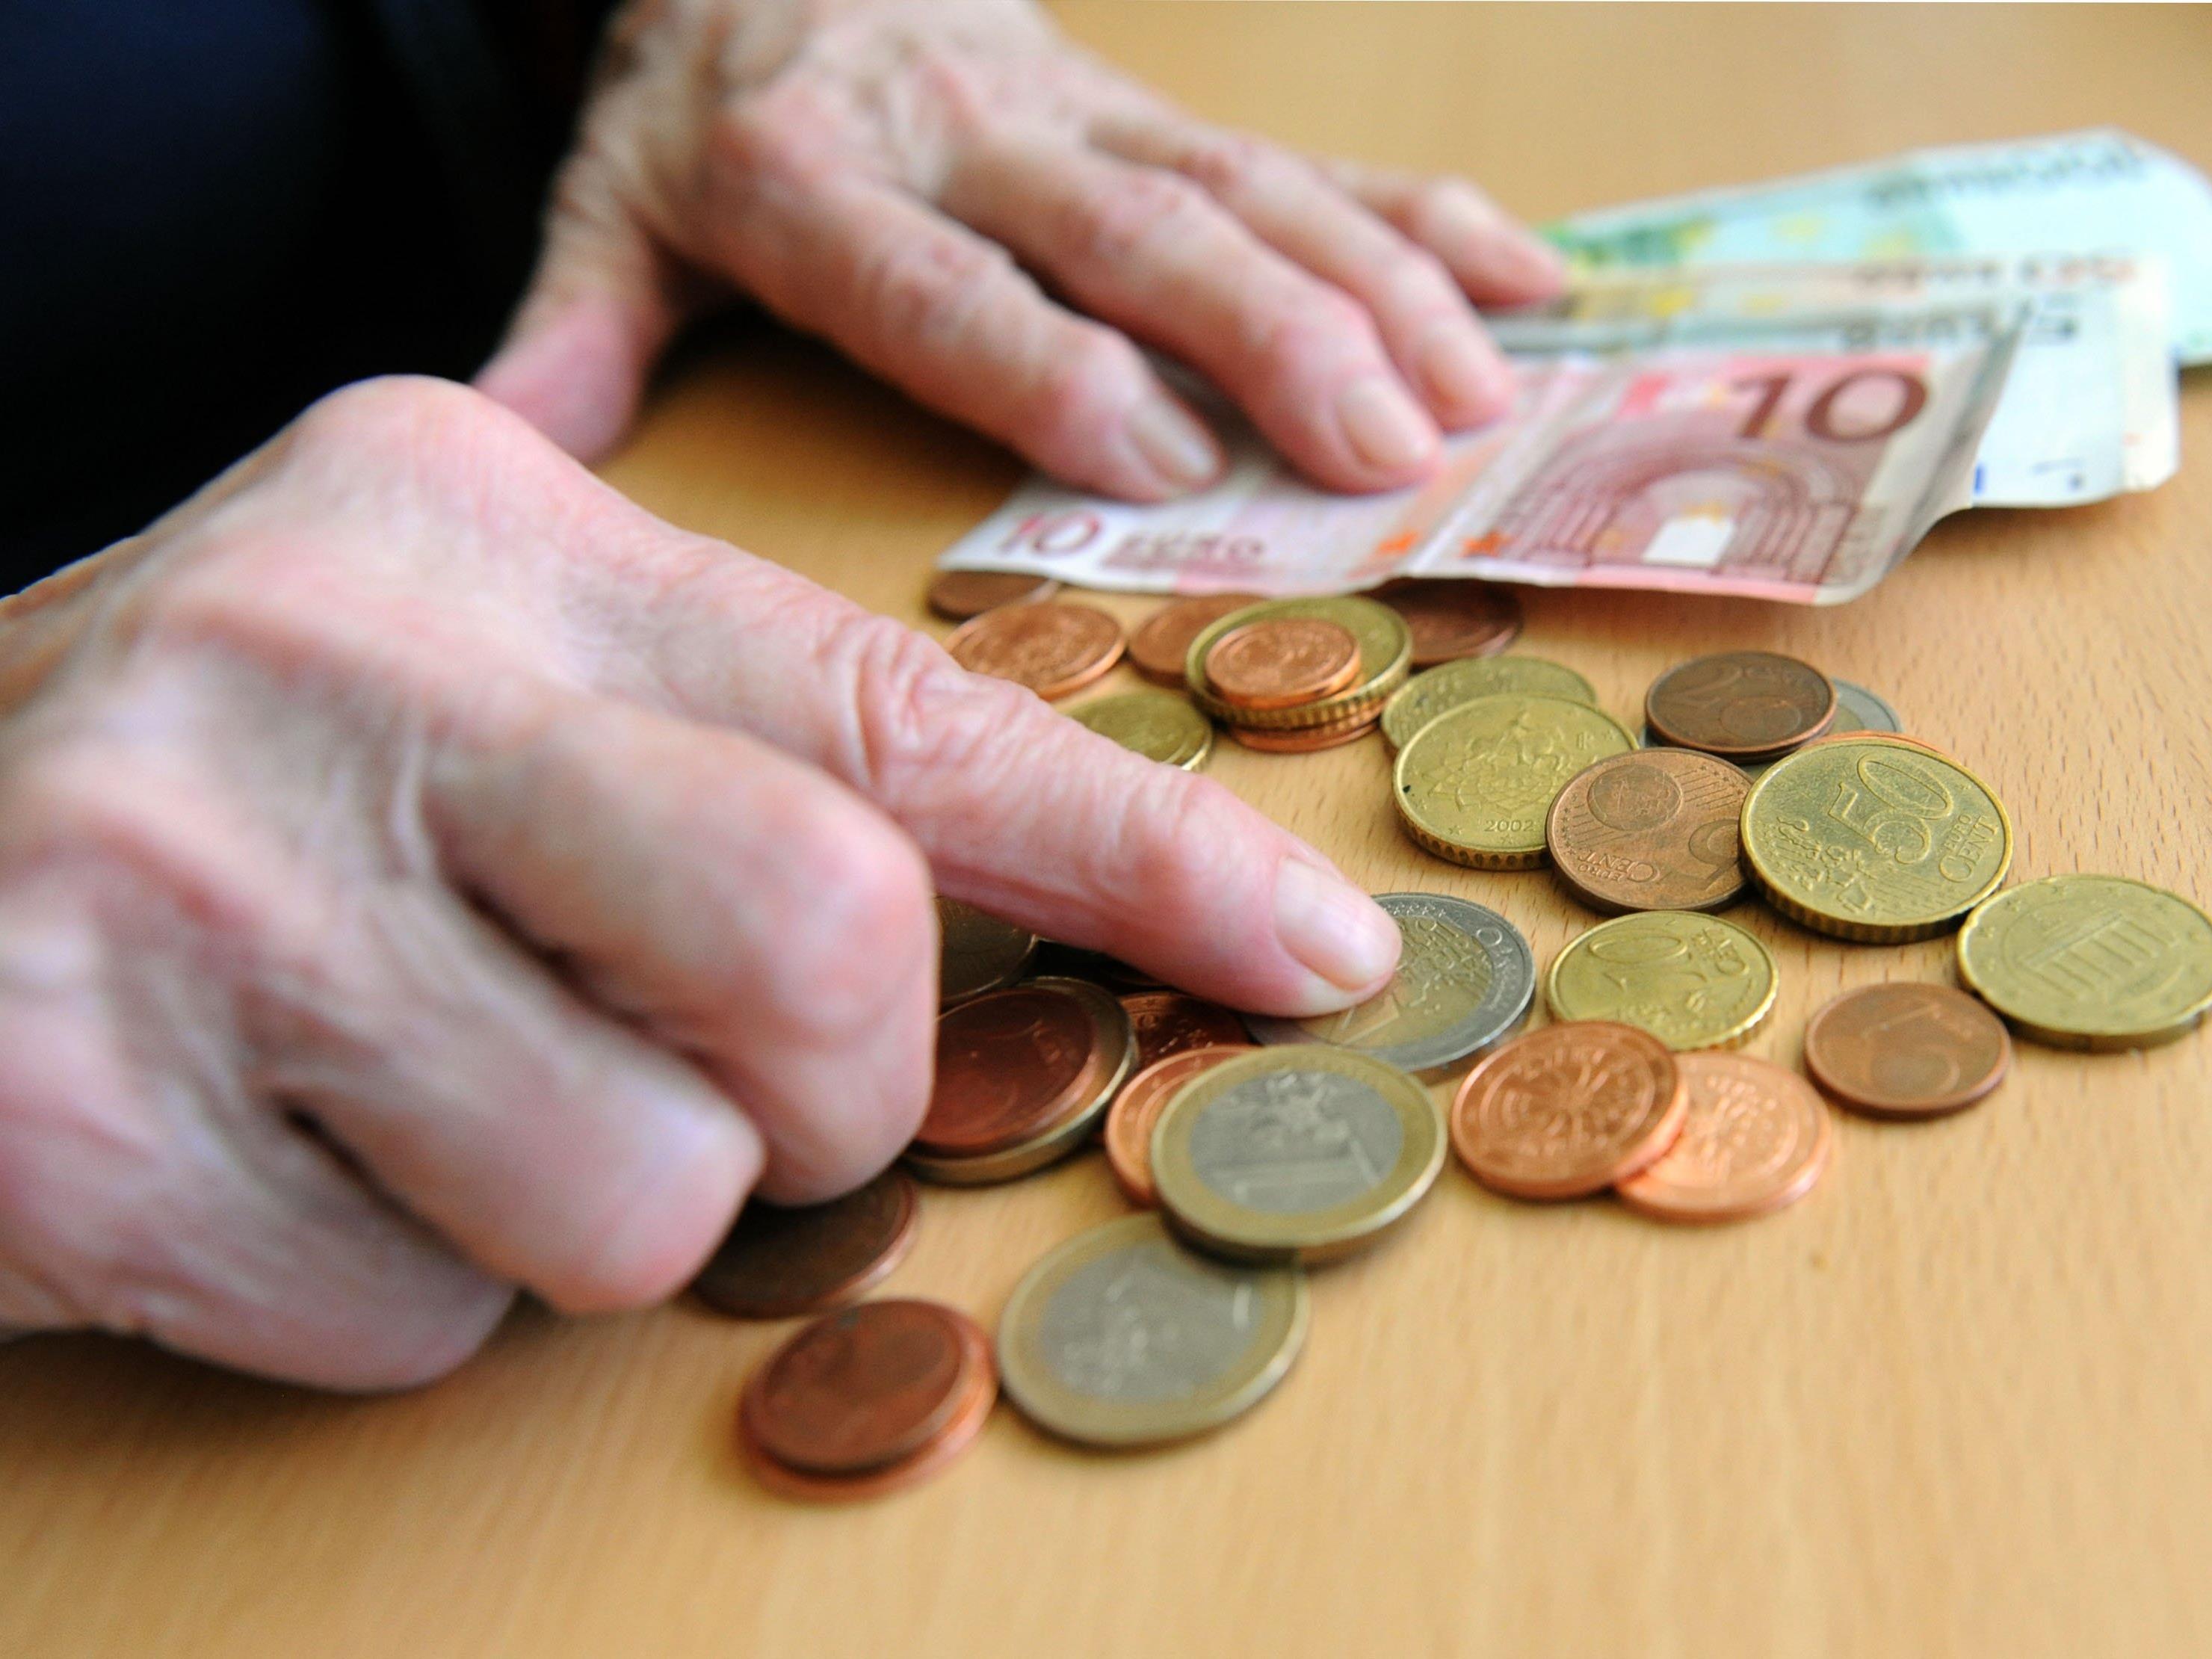 Die ÖVP fordert höhere Pensionen für Frauen der ersten Nachkriegsgeneration, die in den nächsten Jahren in Pension gehen.